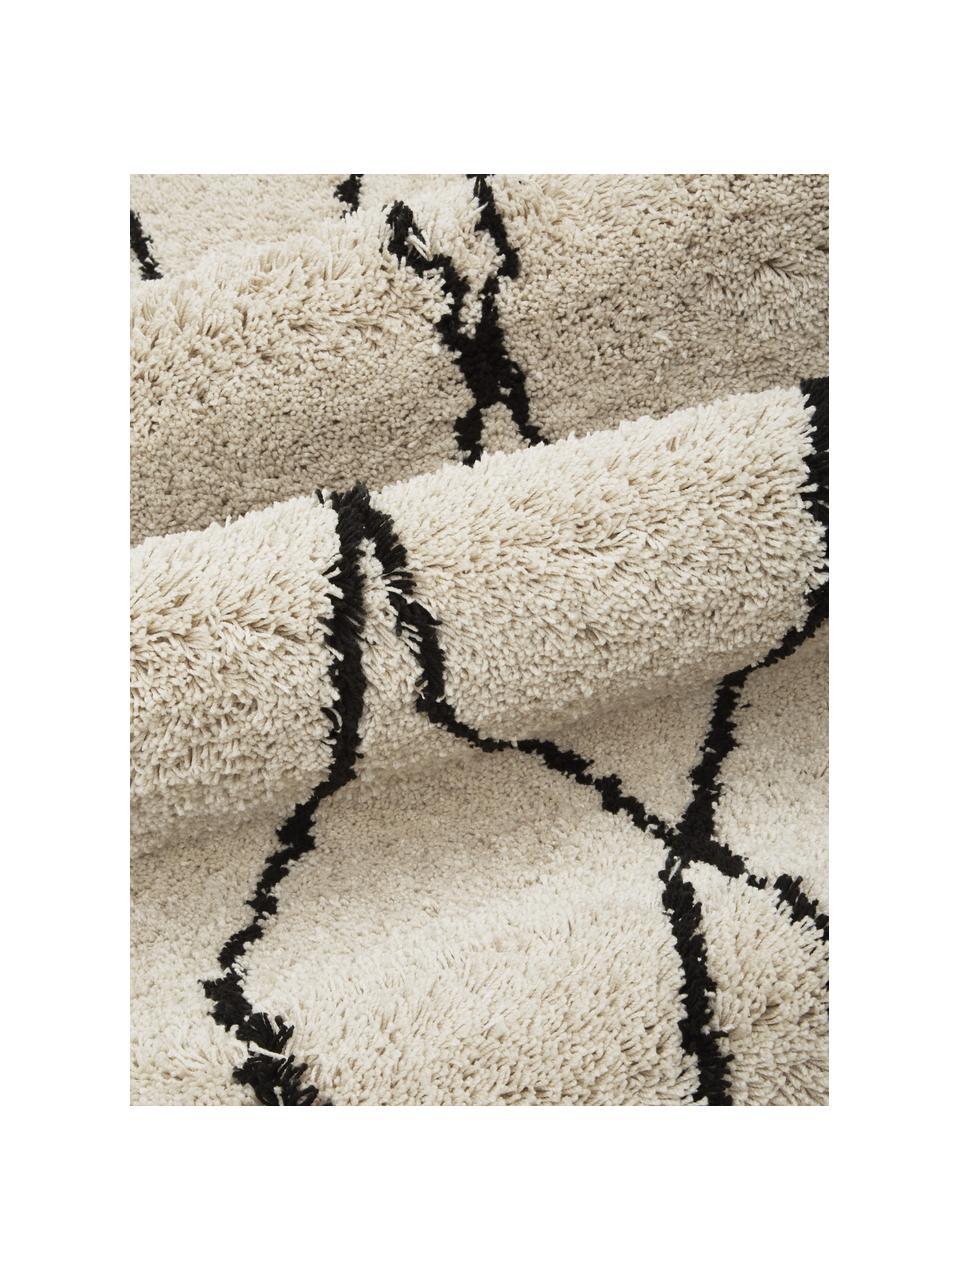 Flauschiger Hochflor-Teppich Naima, handgetuftet, Flor: 100% Polyester, Beige, Schwarz, B 120 x L 180 cm (Größe S)